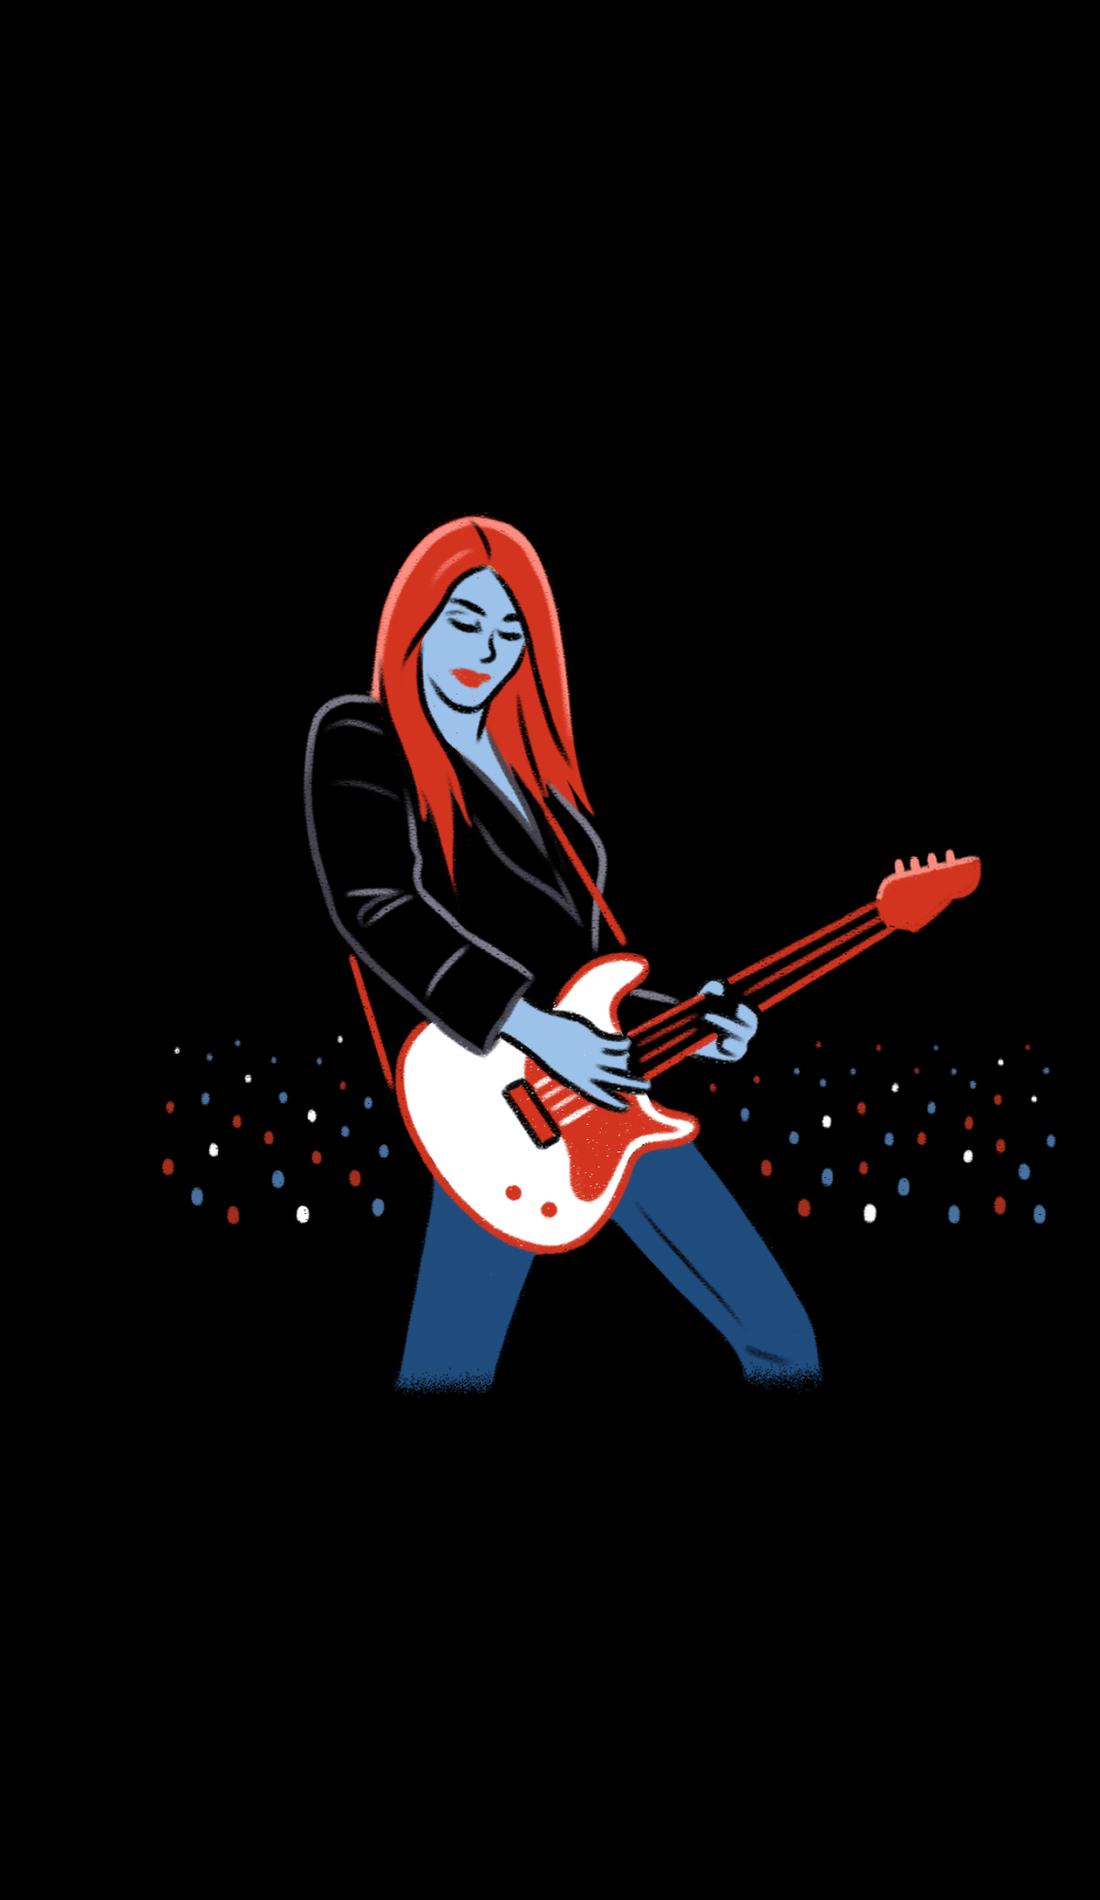 A EDC Orlando live event